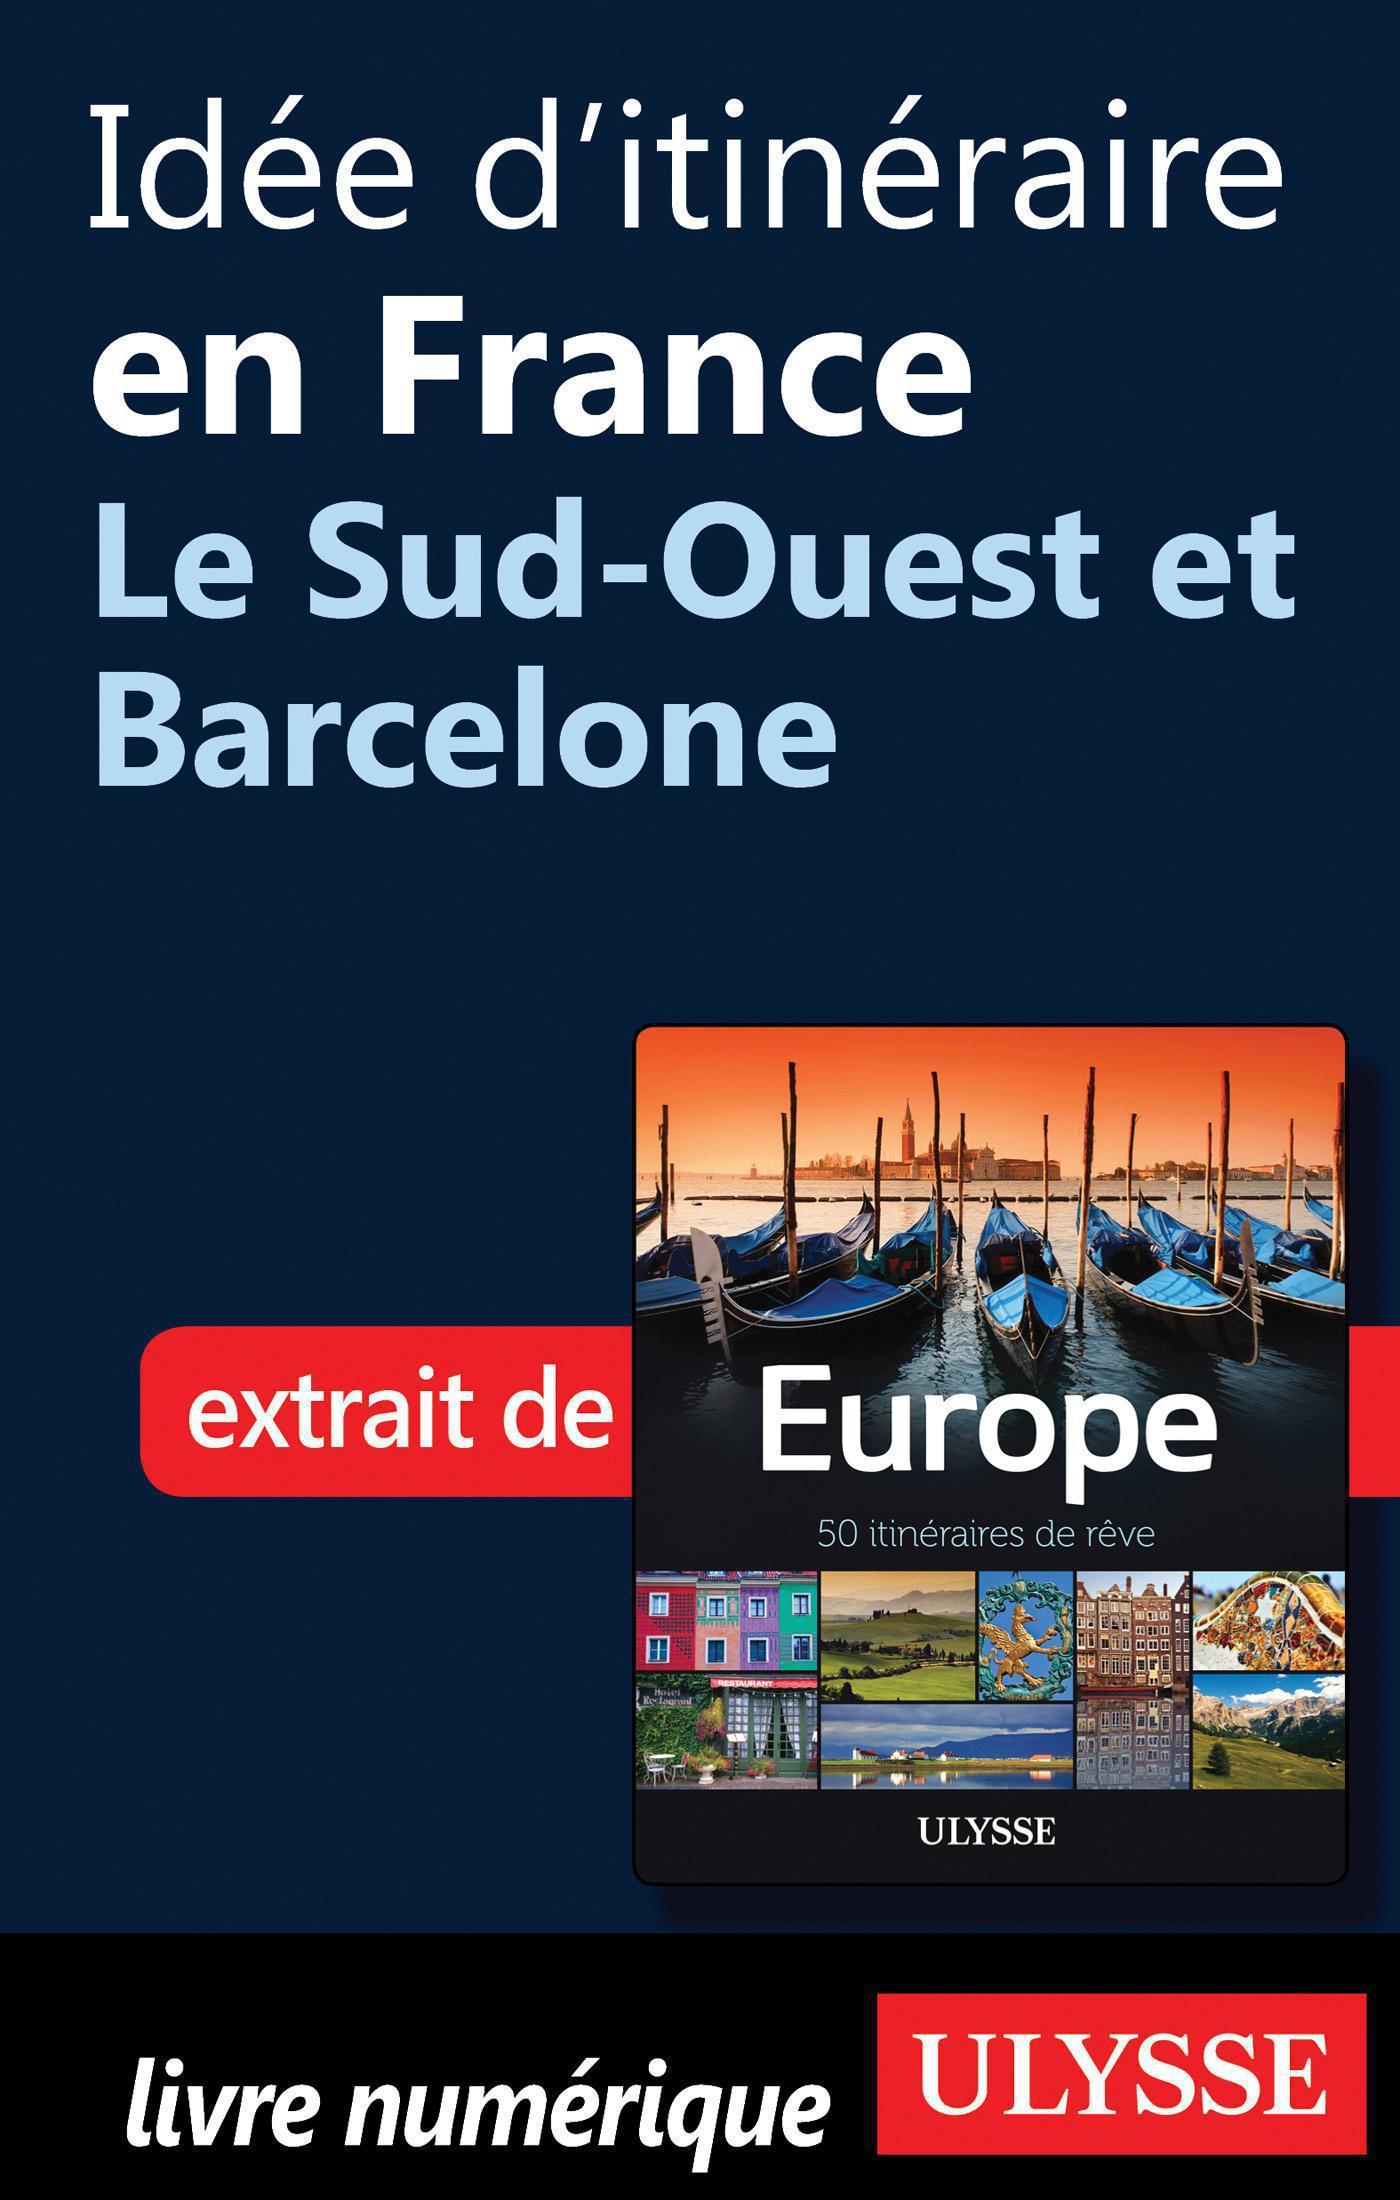 Idée d'itinéraire en France - Le Sud-Ouest et Barcelone